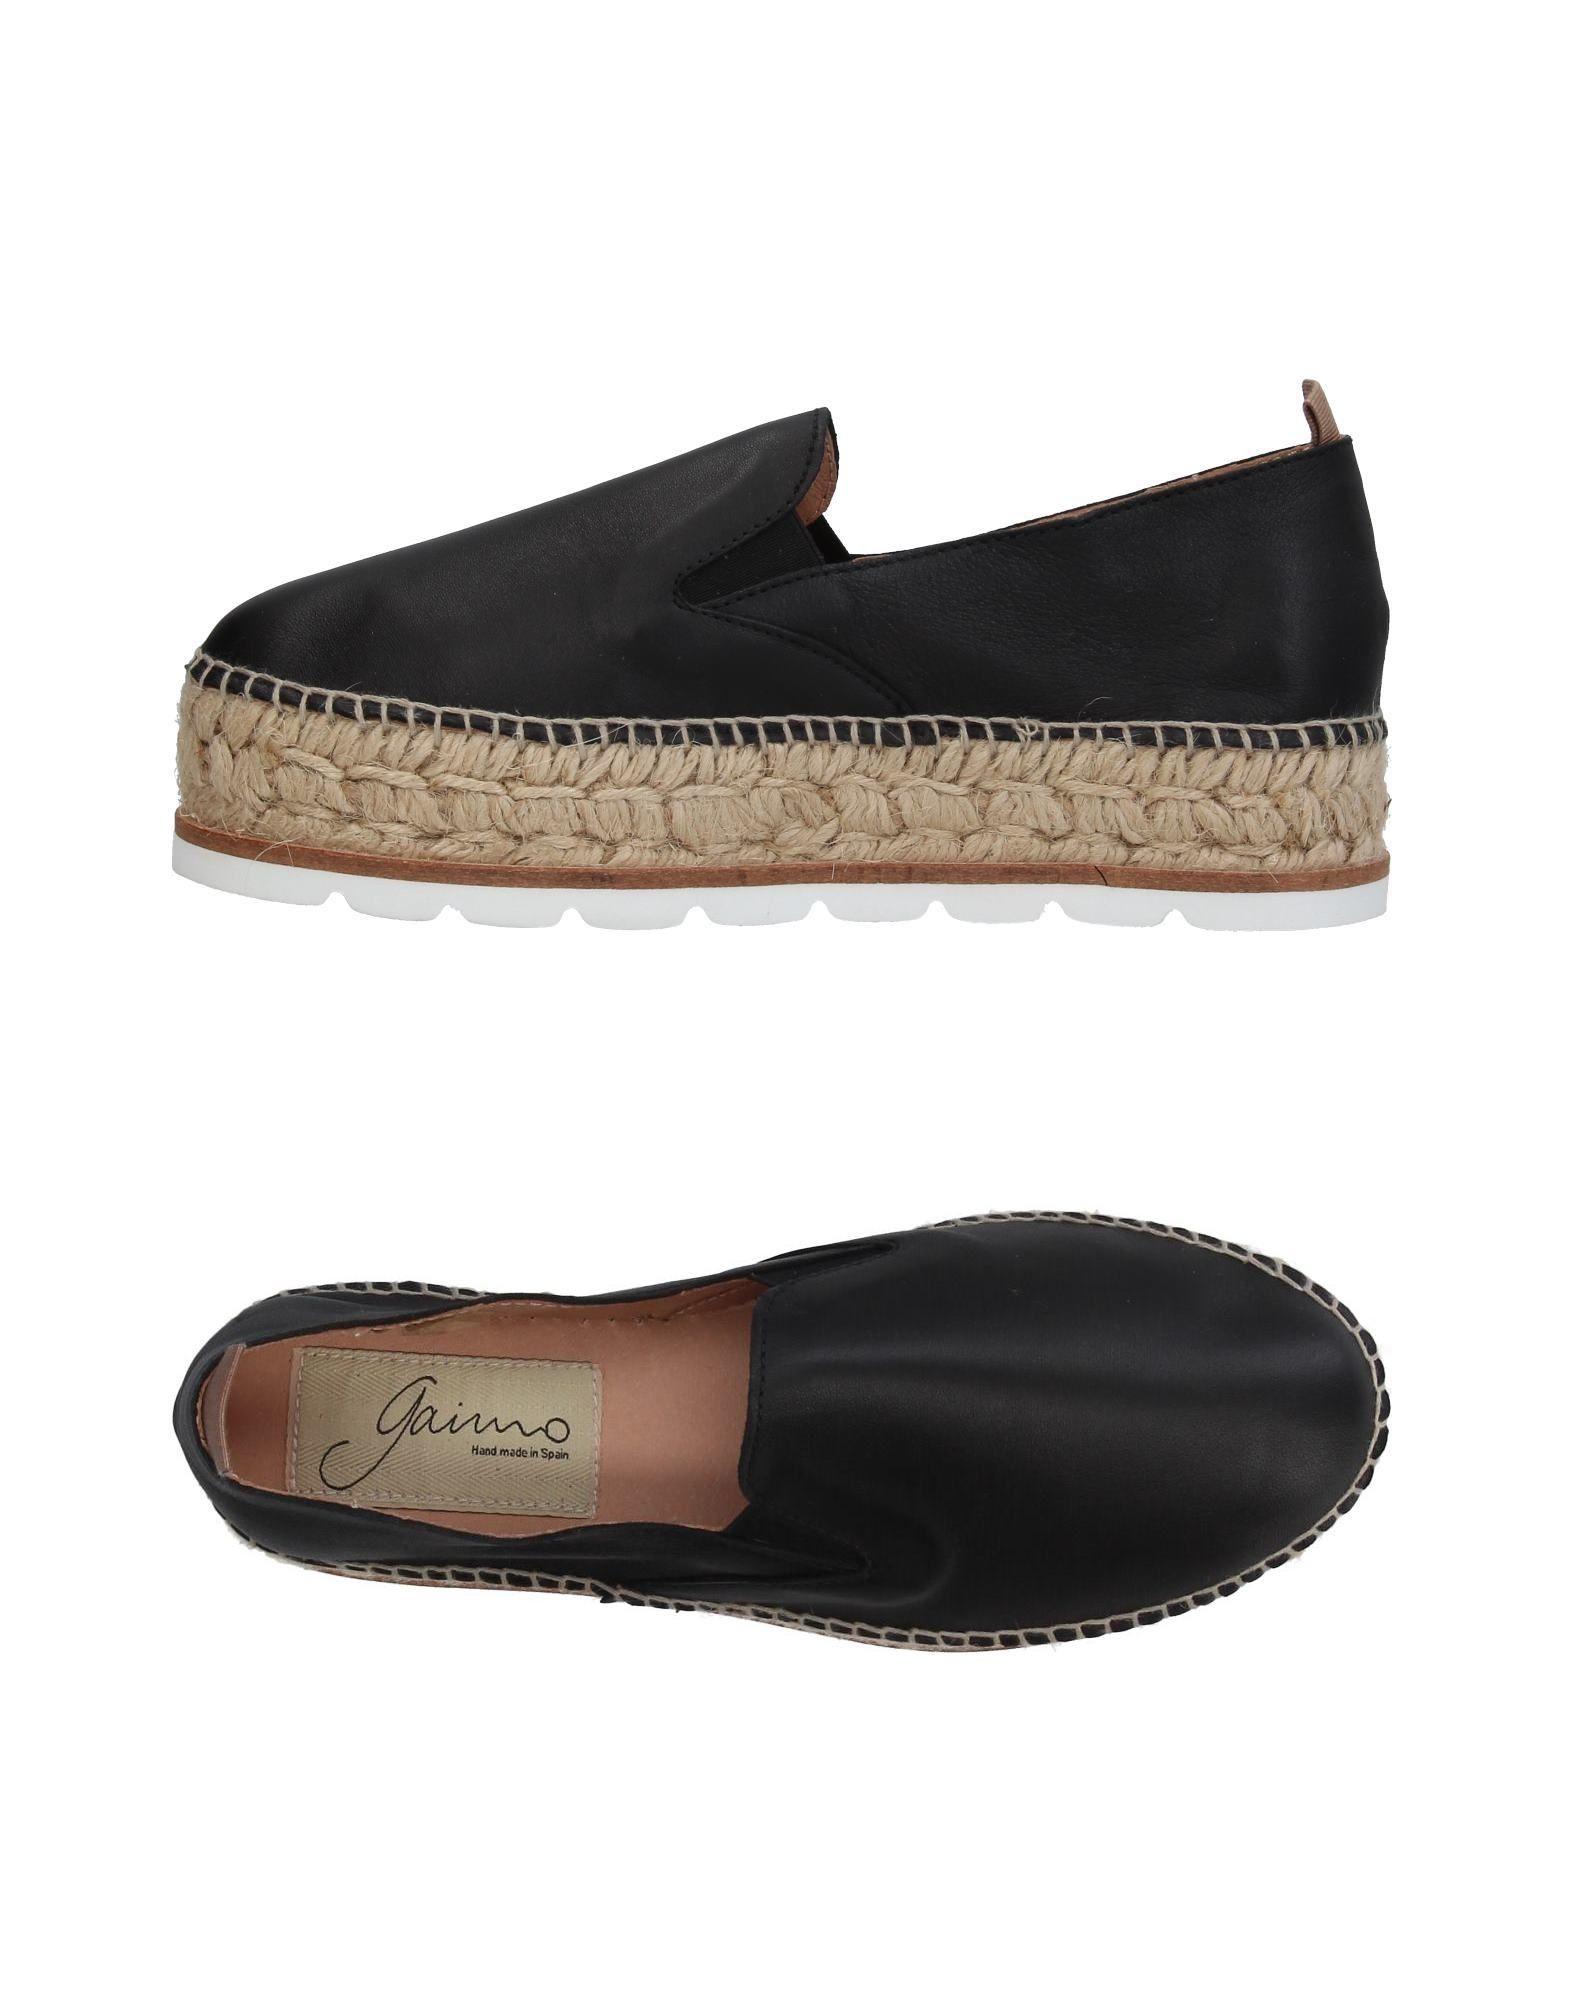 Gaimo Espadrilles Damen  Schuhe 11381003OT Gute Qualität beliebte Schuhe  cf8c52